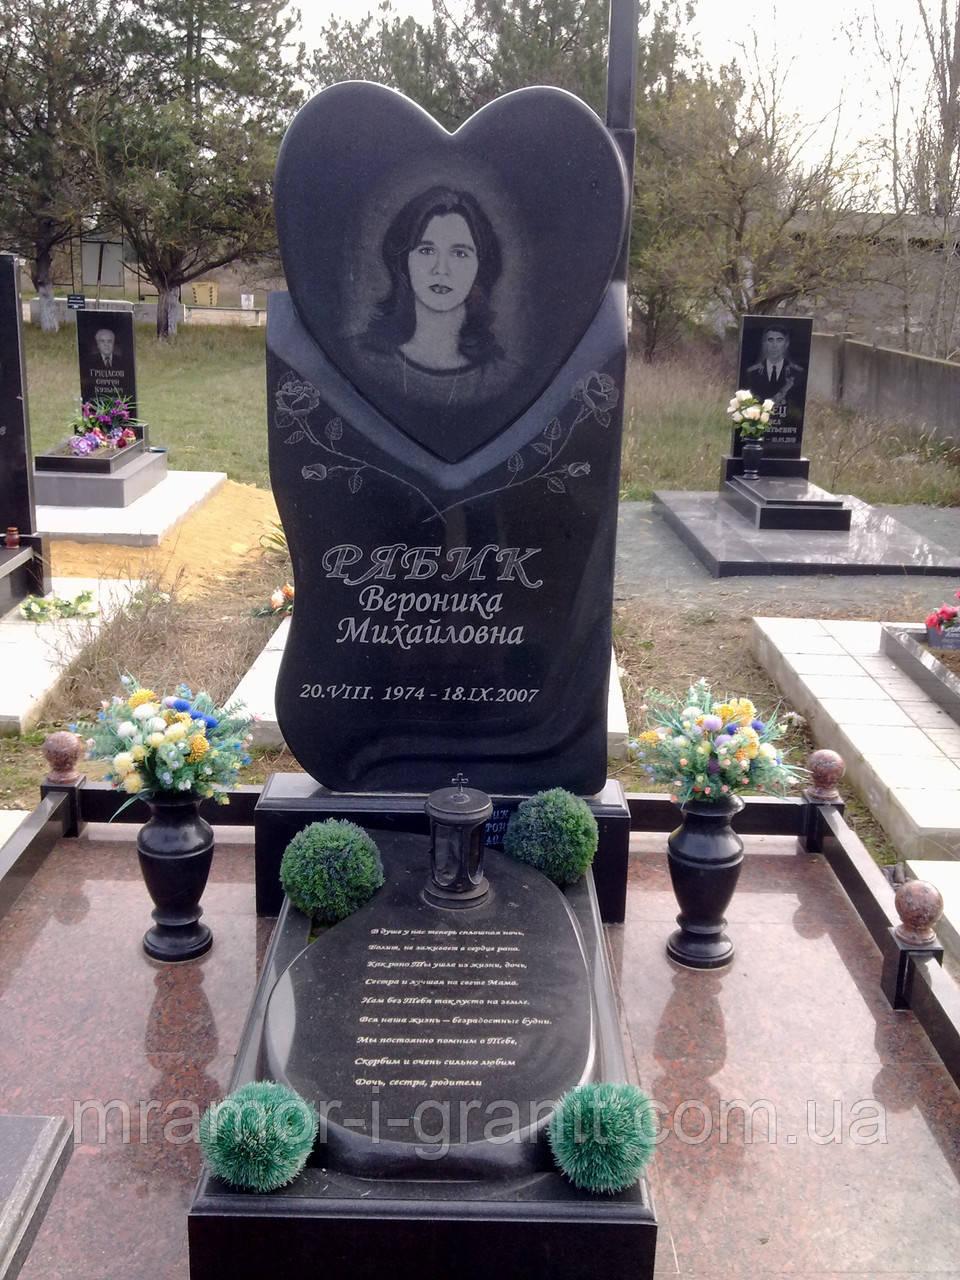 Заказ памятника на кладбище Крымская Мемориальный одиночный комплекс с крестом Клин